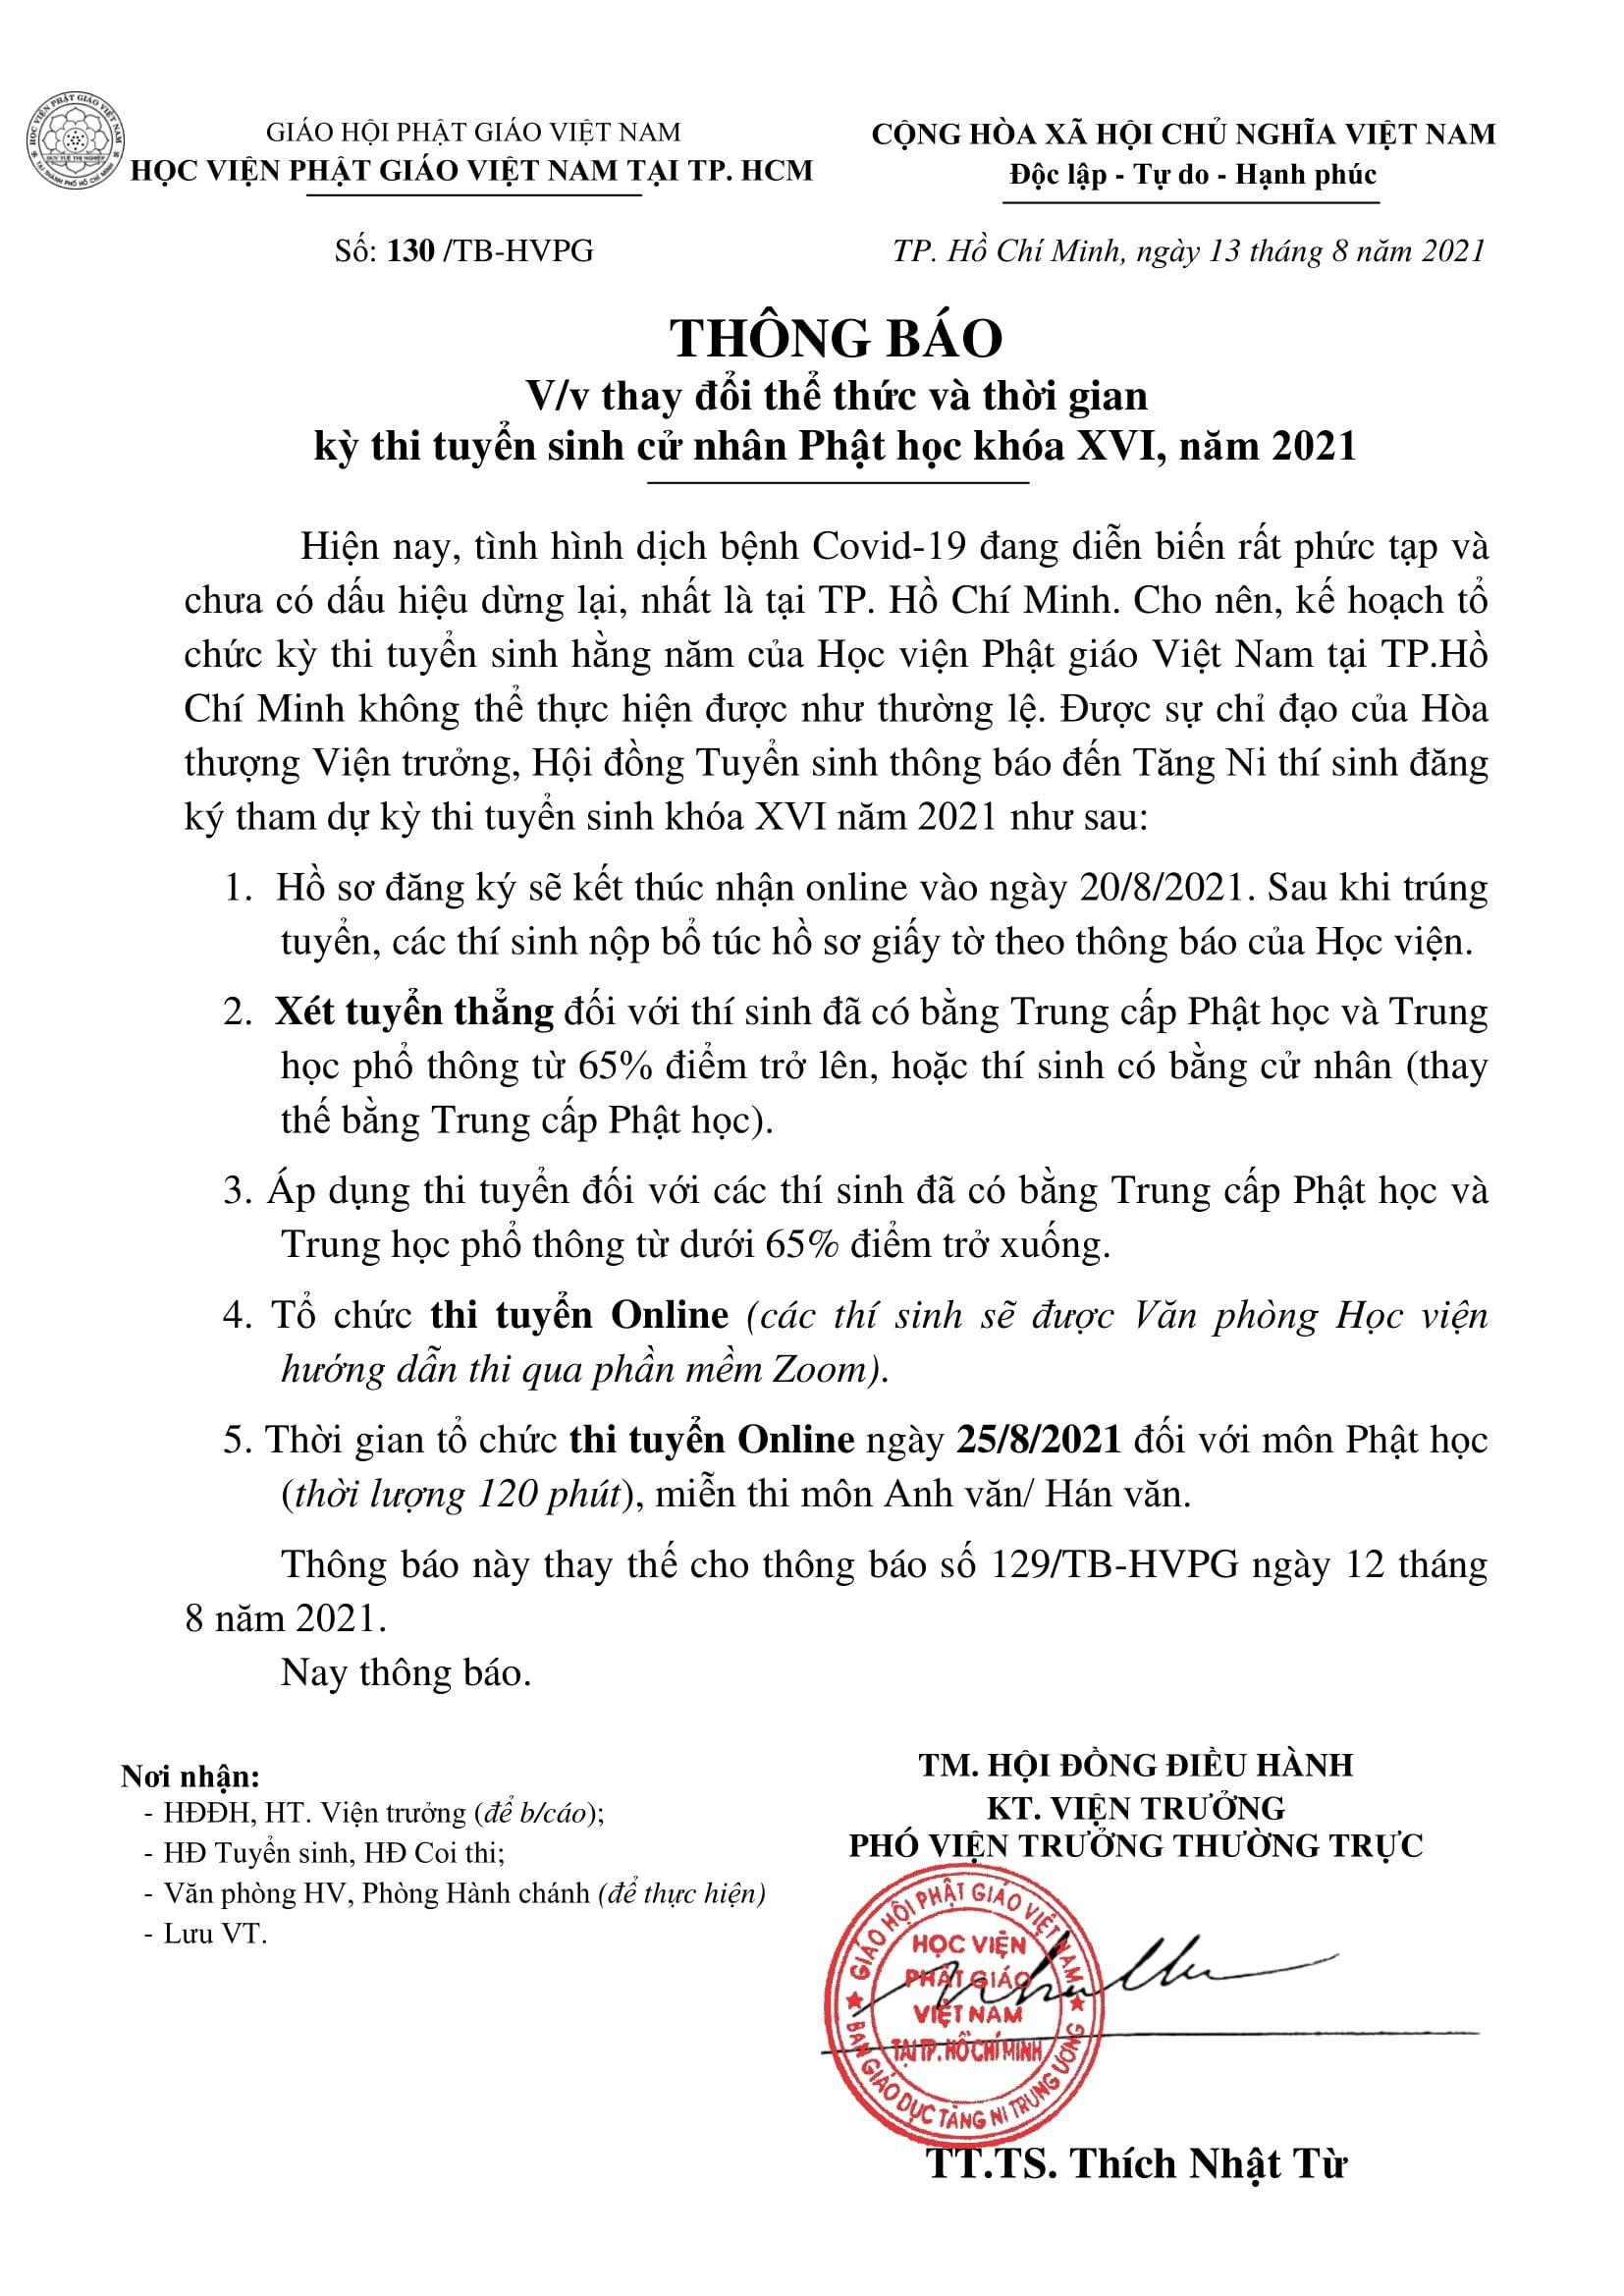 Học Viện Phật Giáo VN Tại Tp.HCM Xét Tuyển Thẳng Thí Sinh Có Bằng Trung Cấp